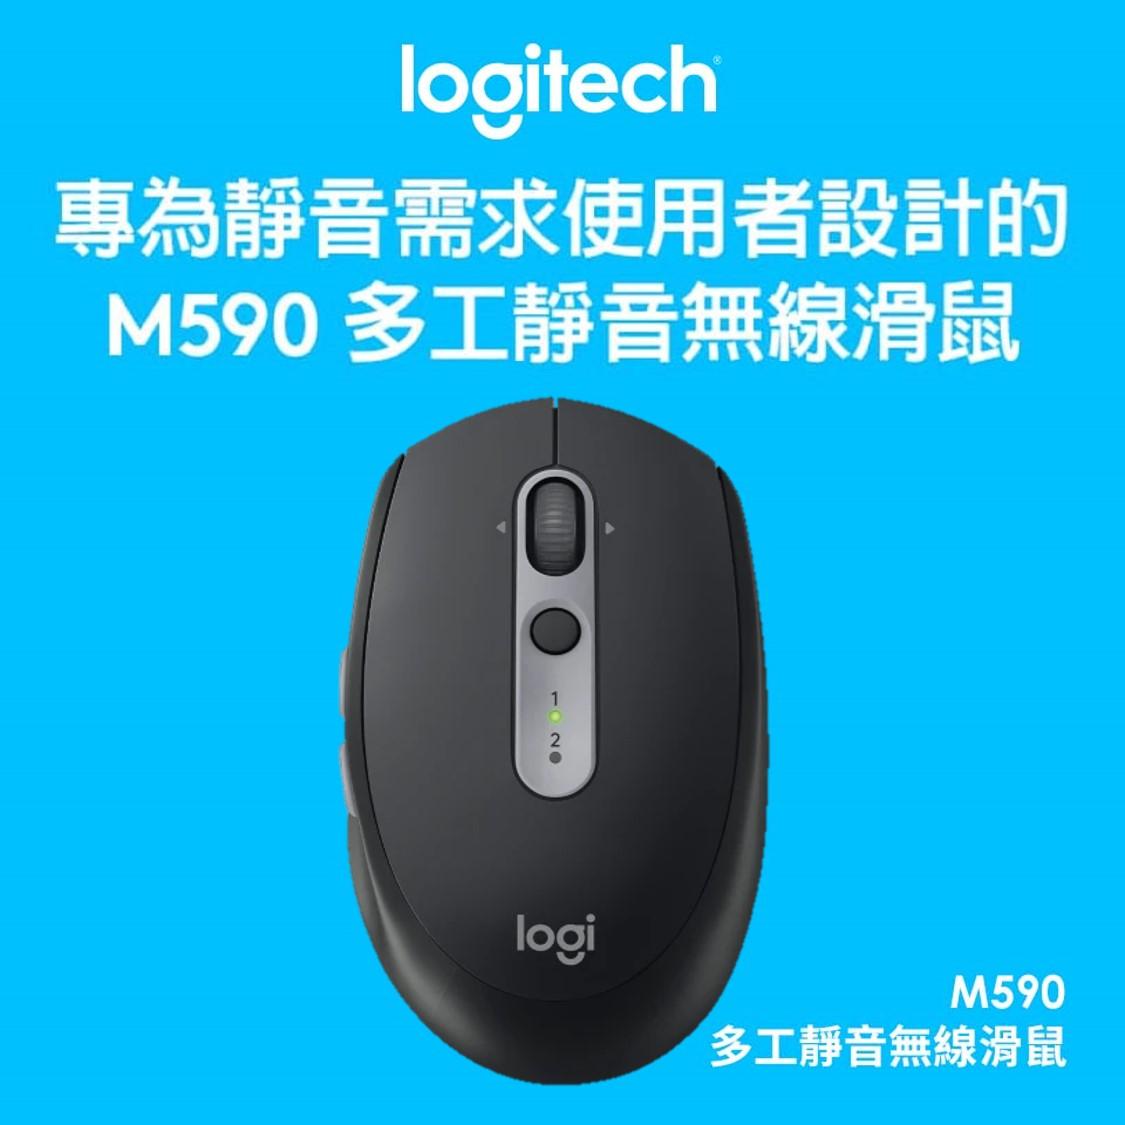 羅技M590多工靜音無線滑鼠-炭石黑